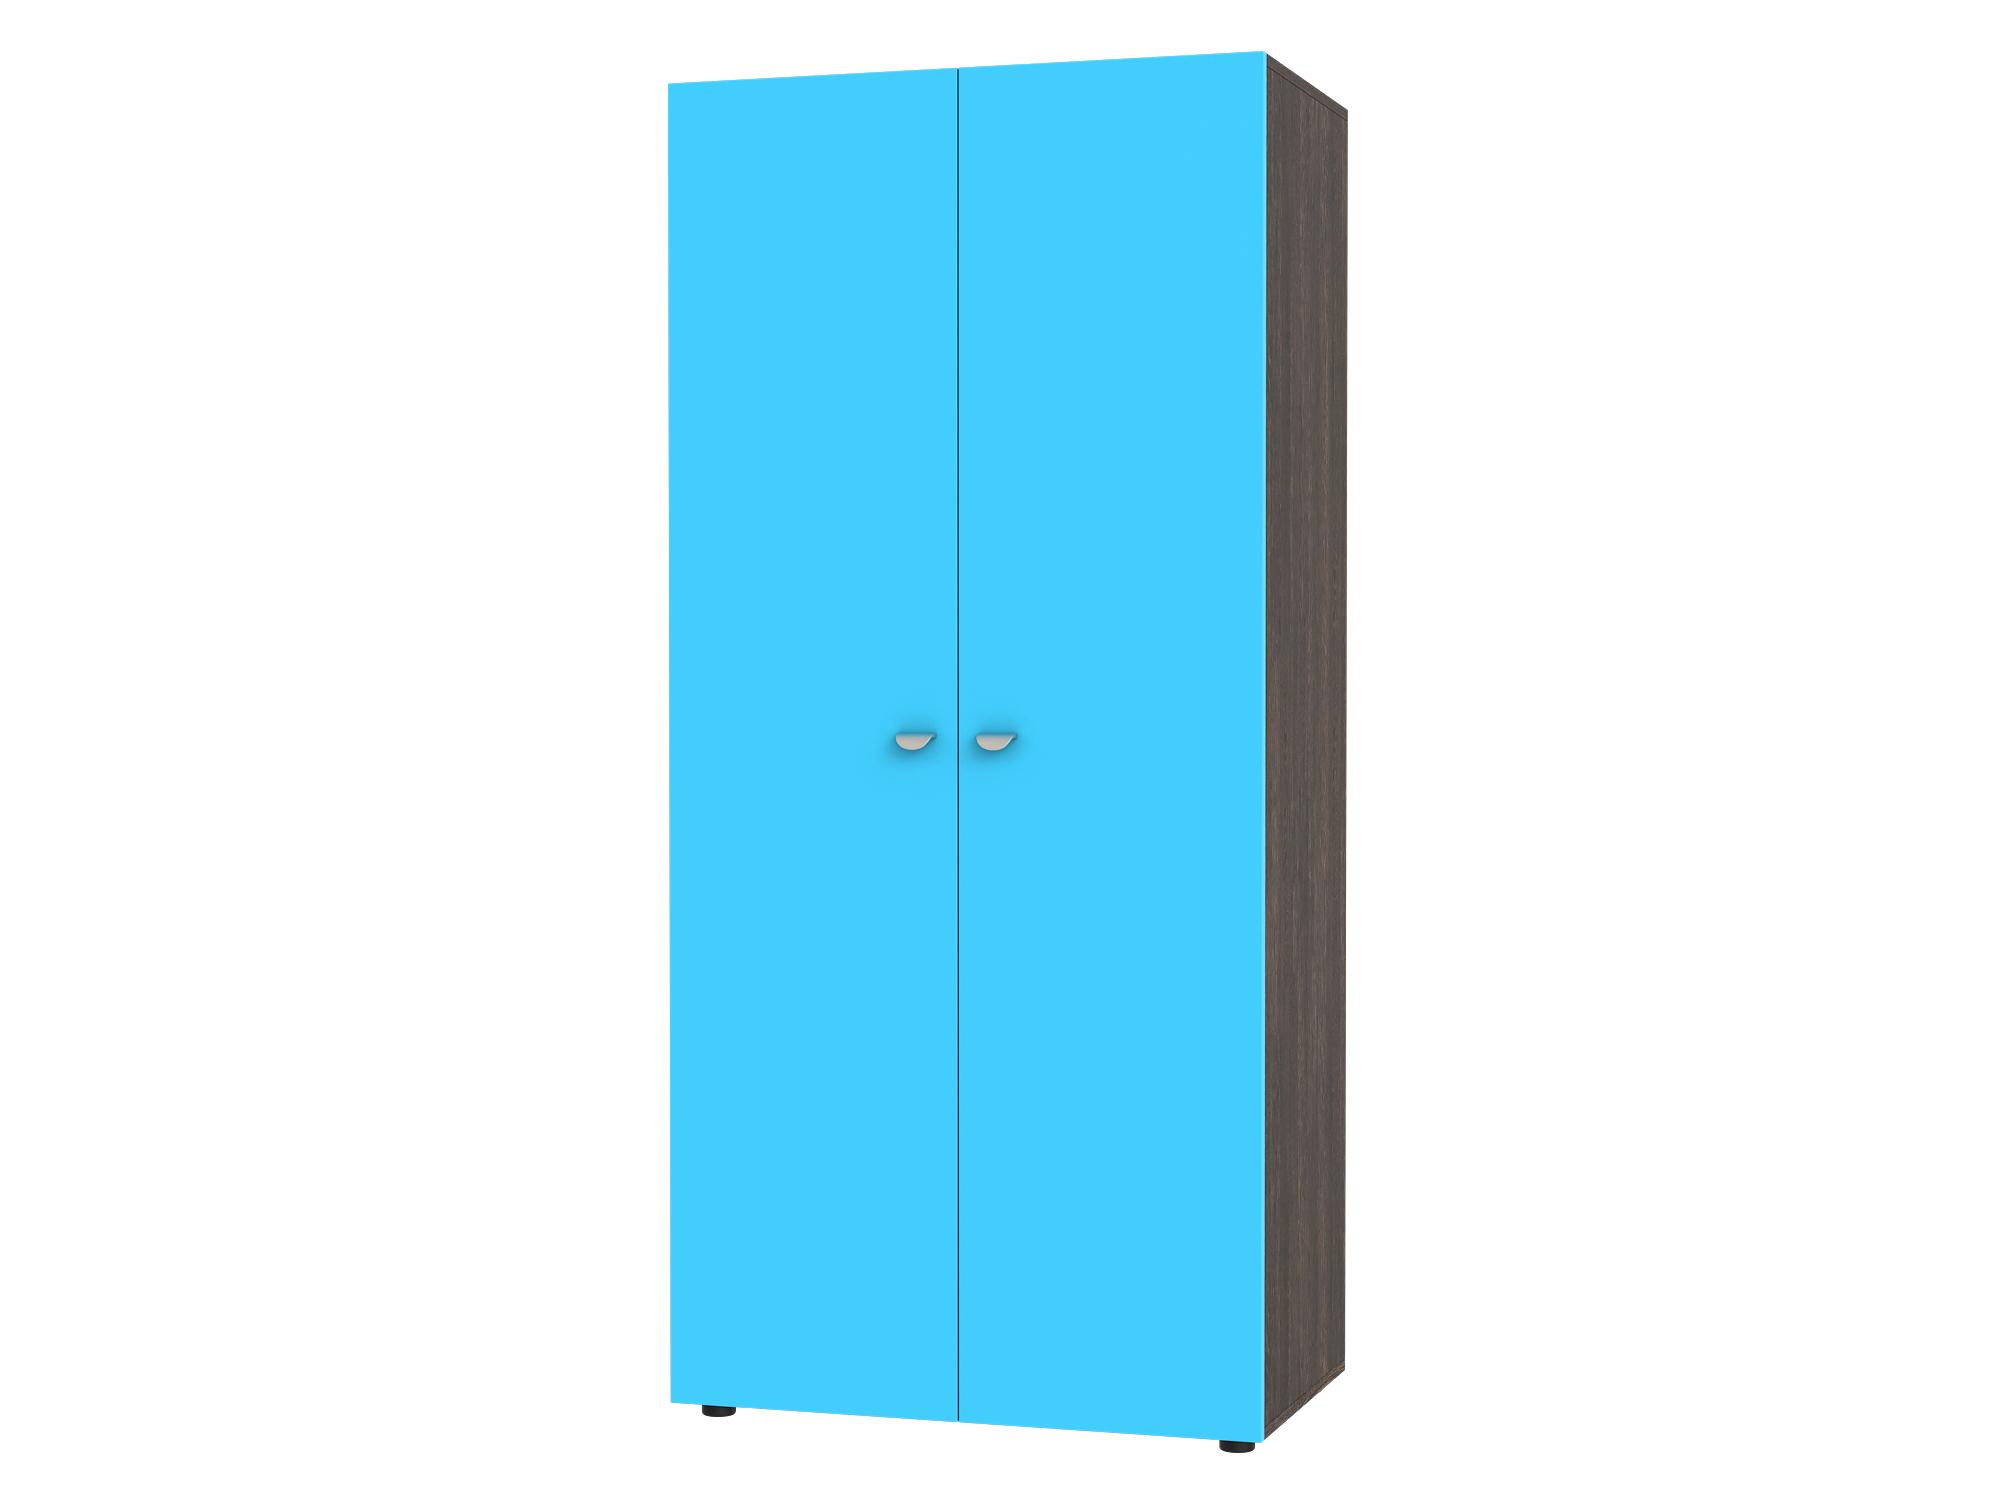 Шкаф 2-х дверный Golden Kids Голубой, Коричневый темный